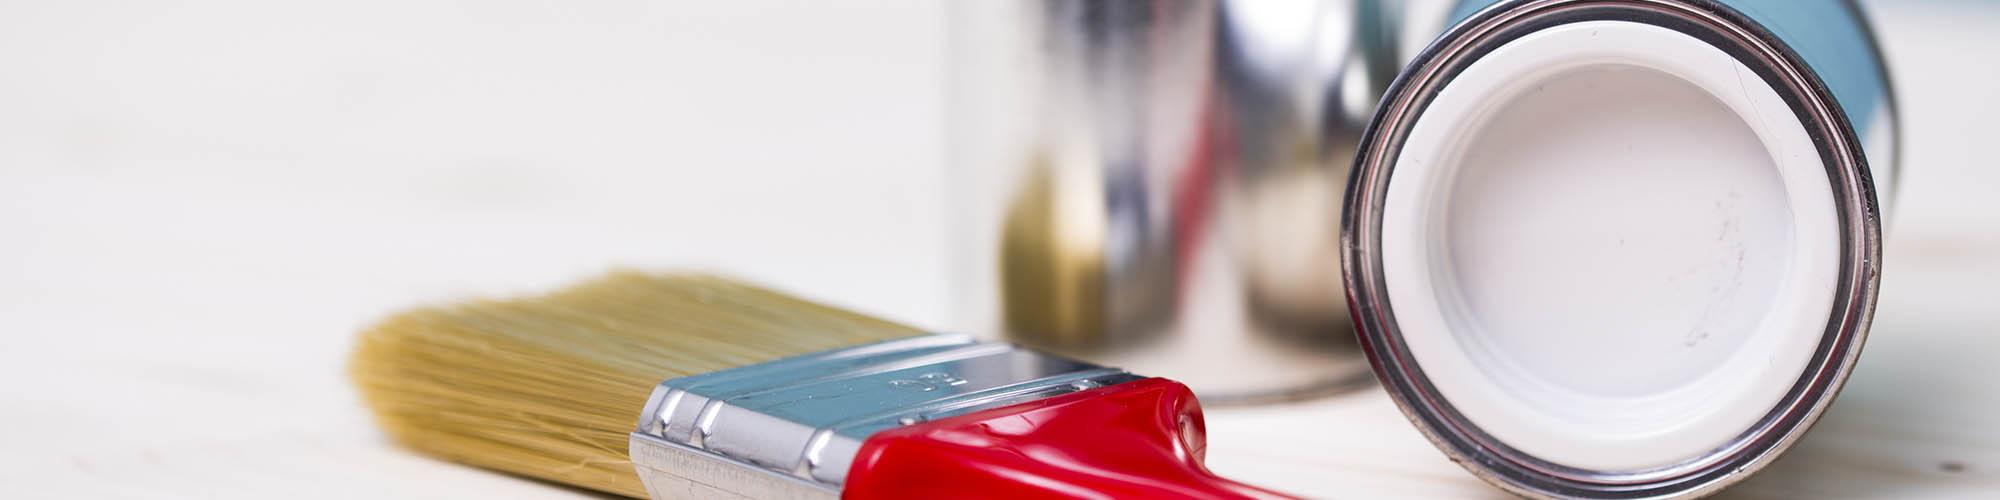 Maler pensel